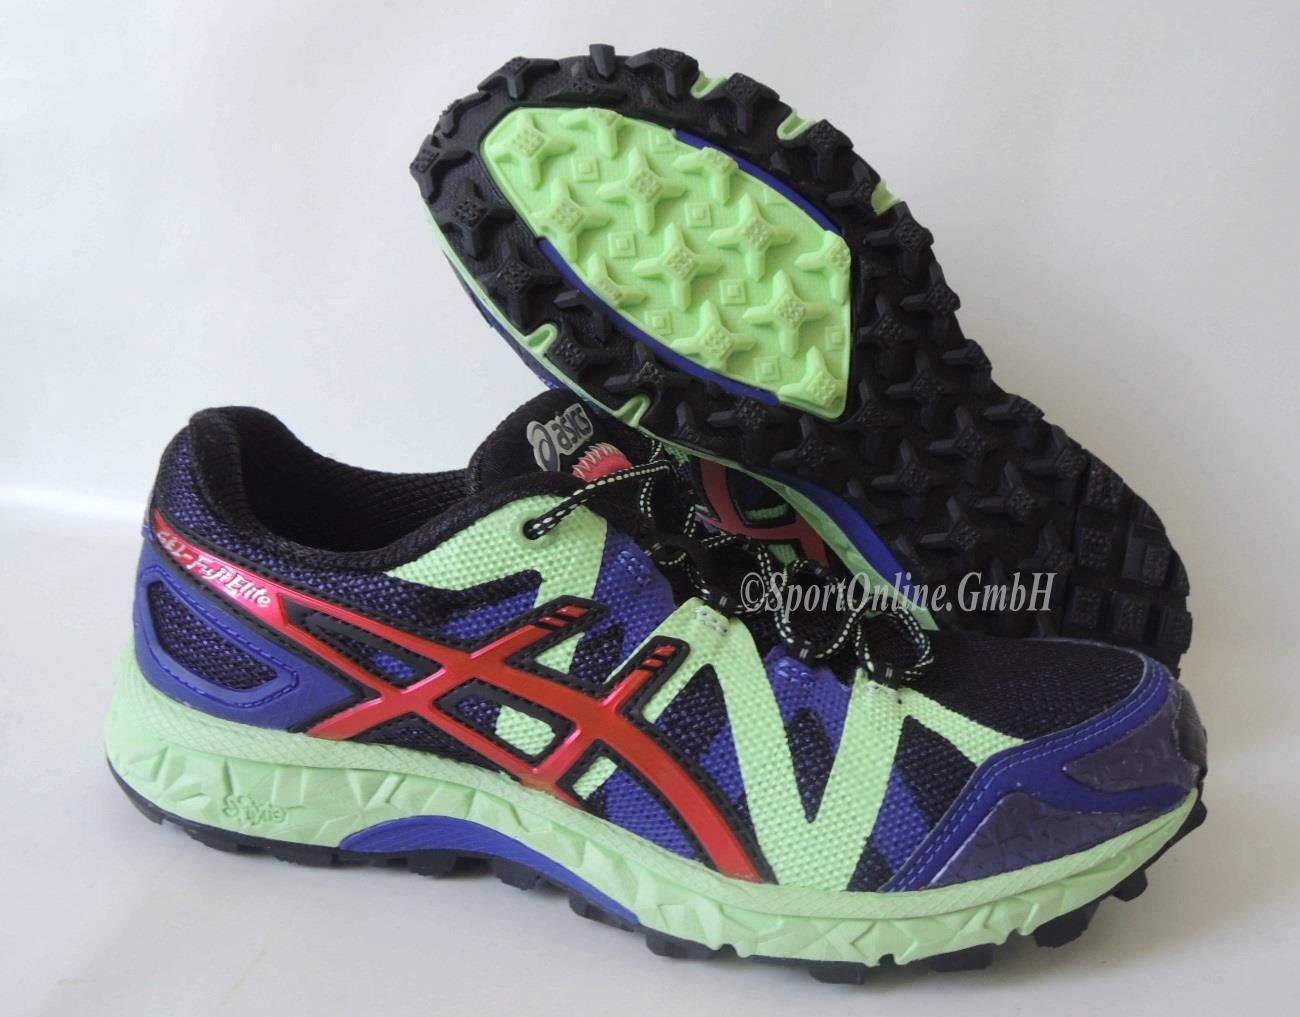 NEU Asics Gel Fuji Elite Damens 37,5 Running Schuhe Trail Laufschuhe T372N-4325